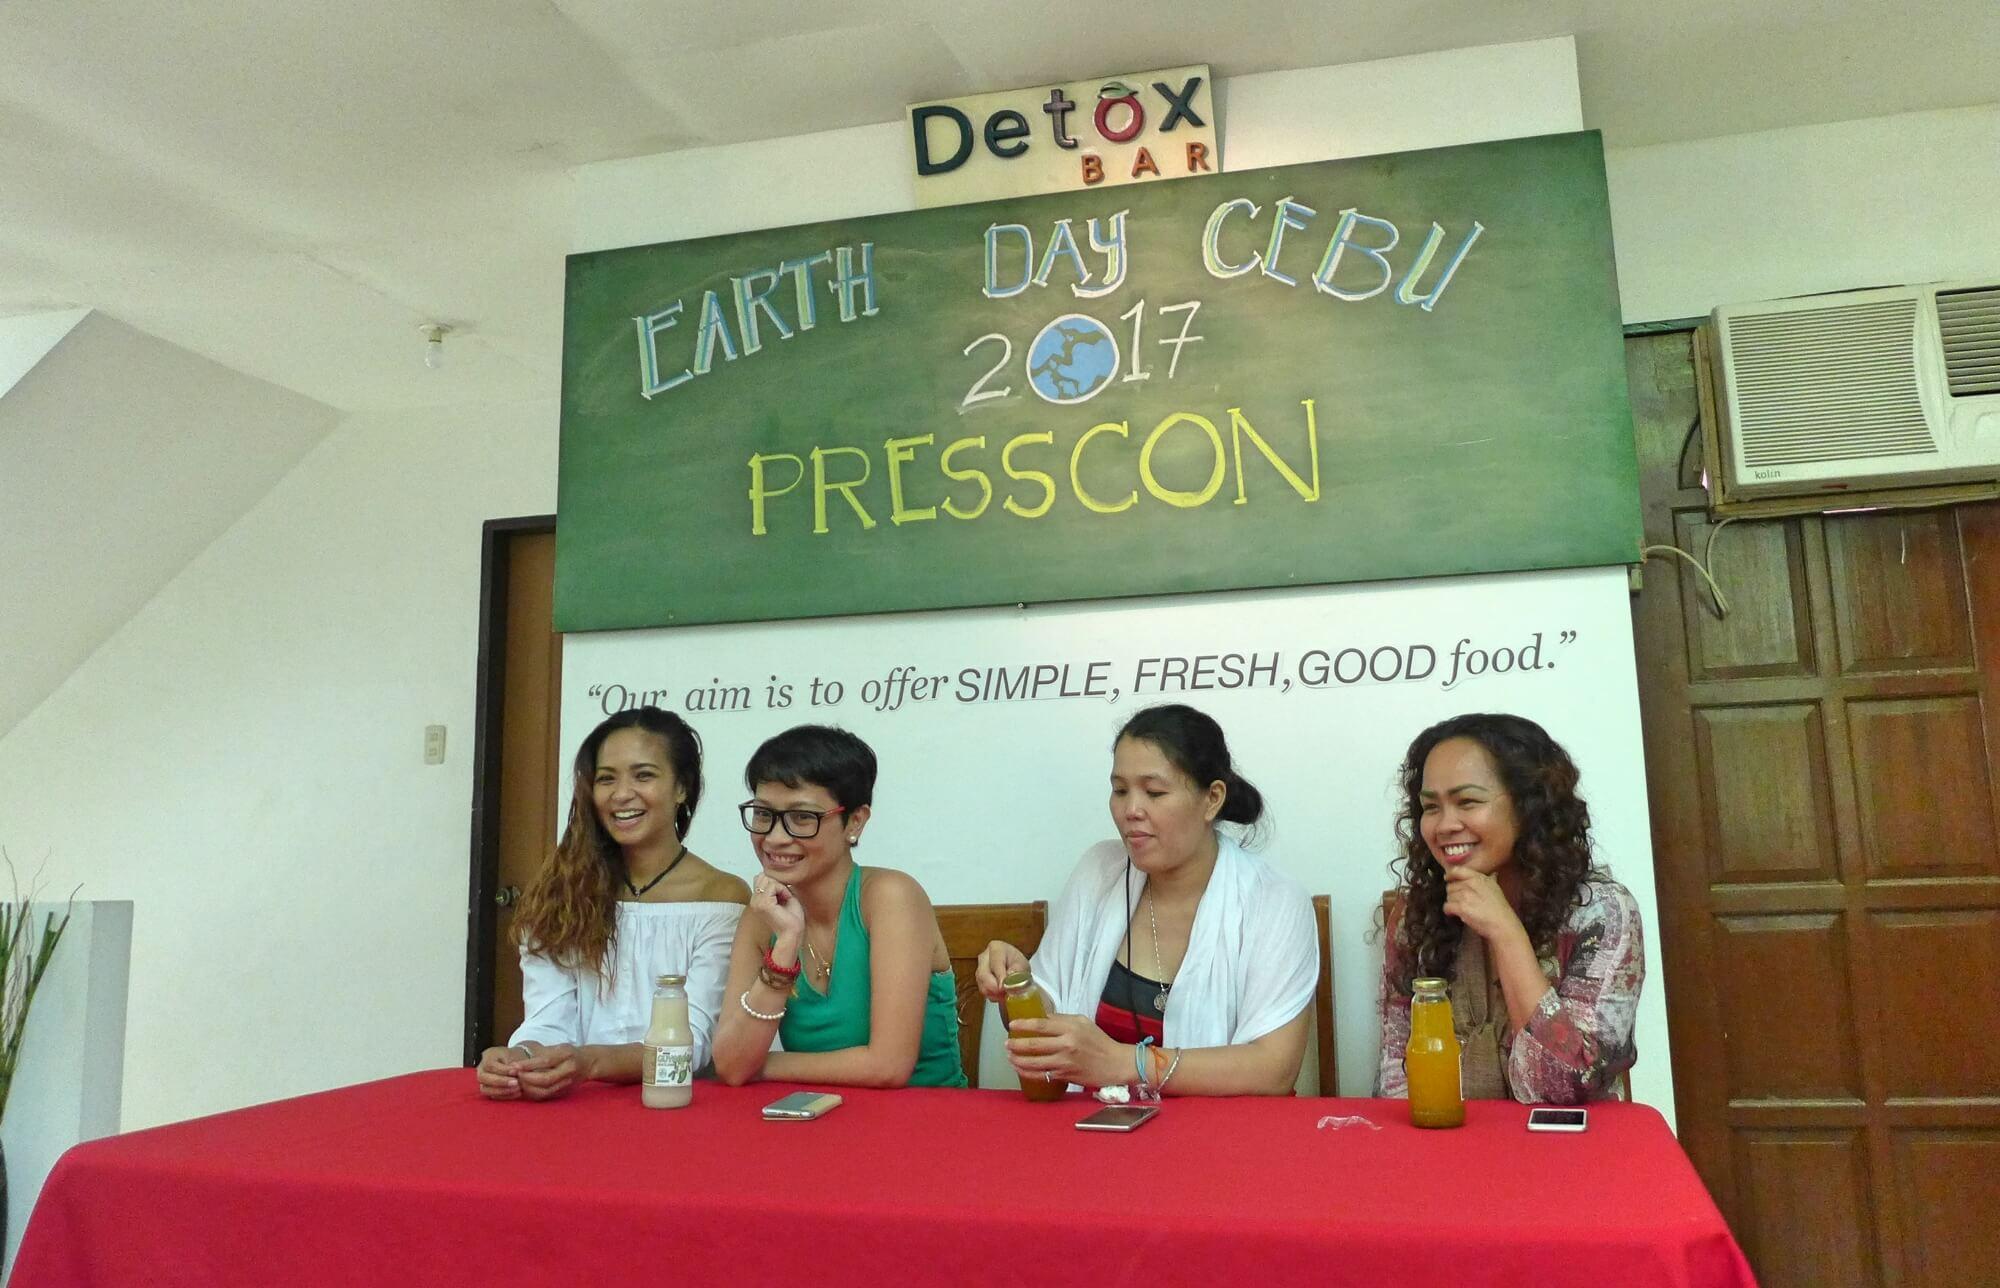 Earth Day Cebu 2017